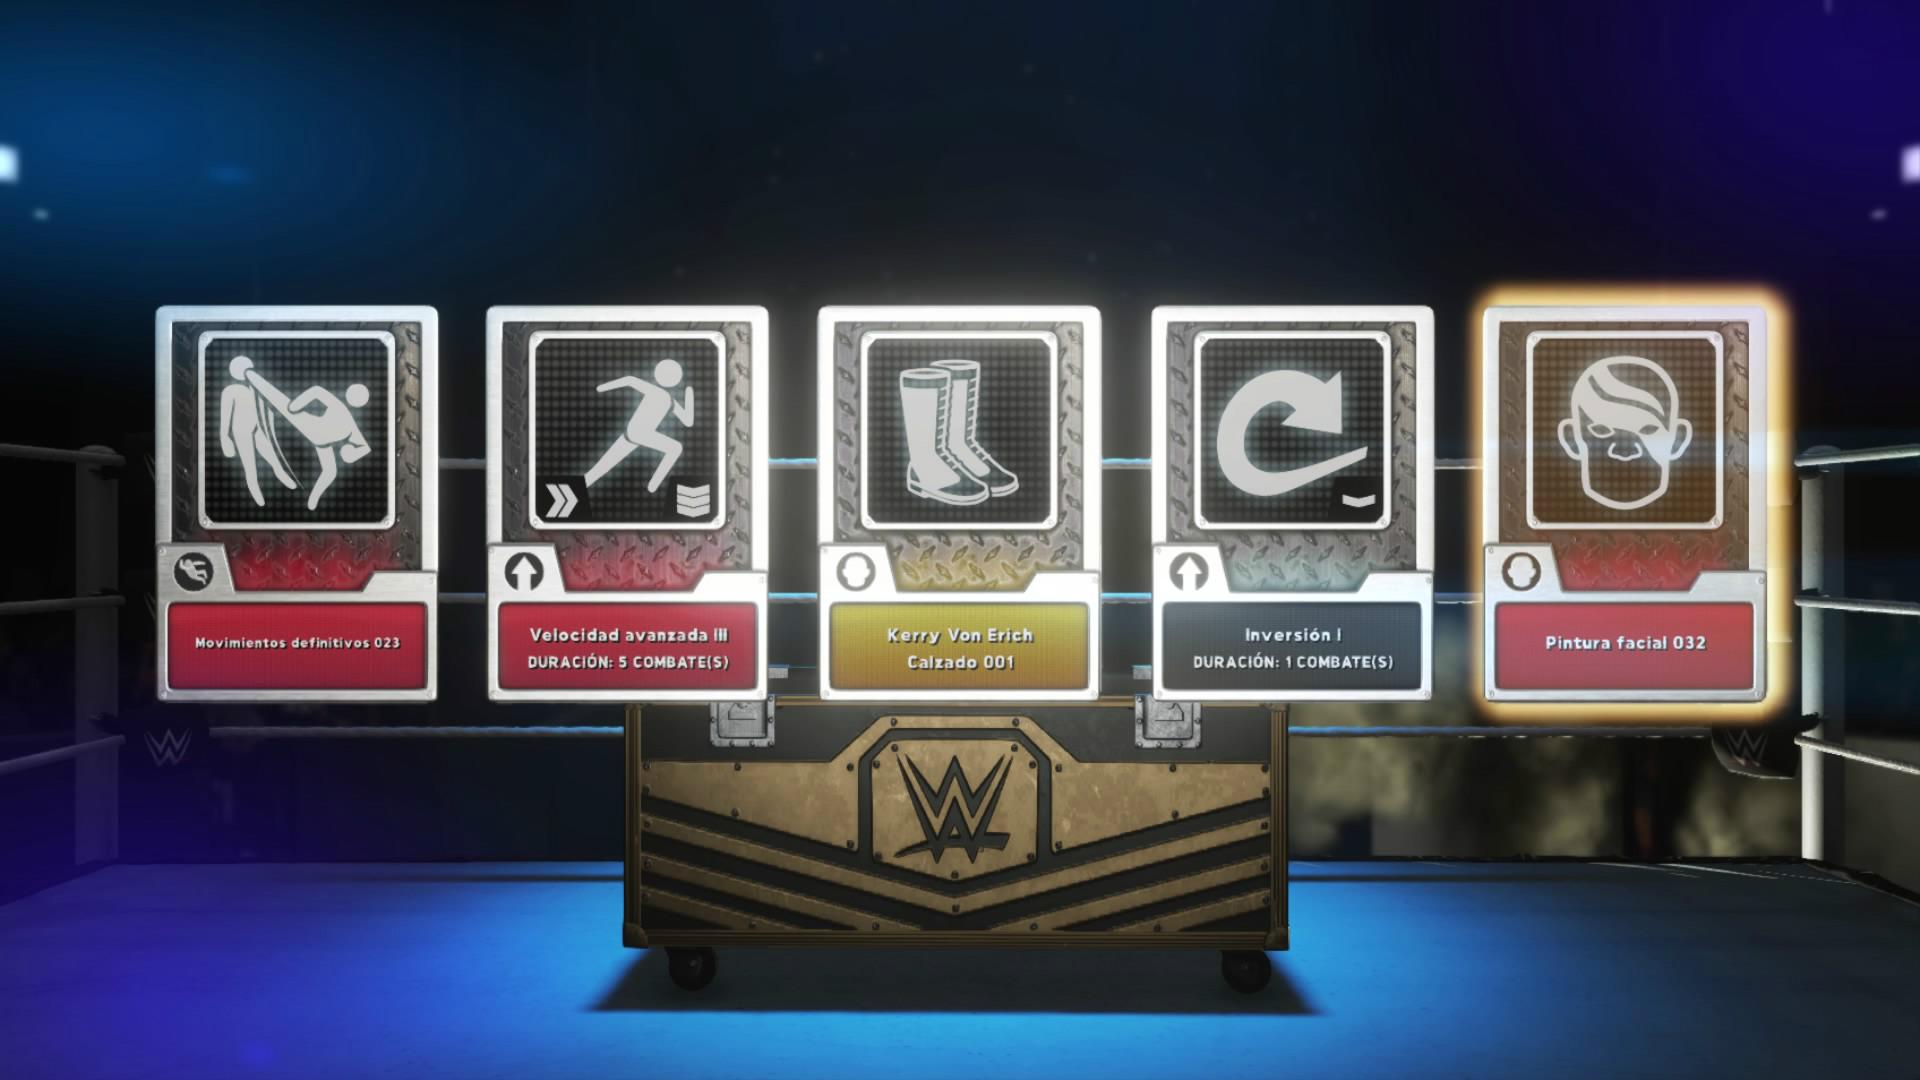 Análisis de WWE 2K18 - Lucha libre para PS4, PC y Xbox One ...